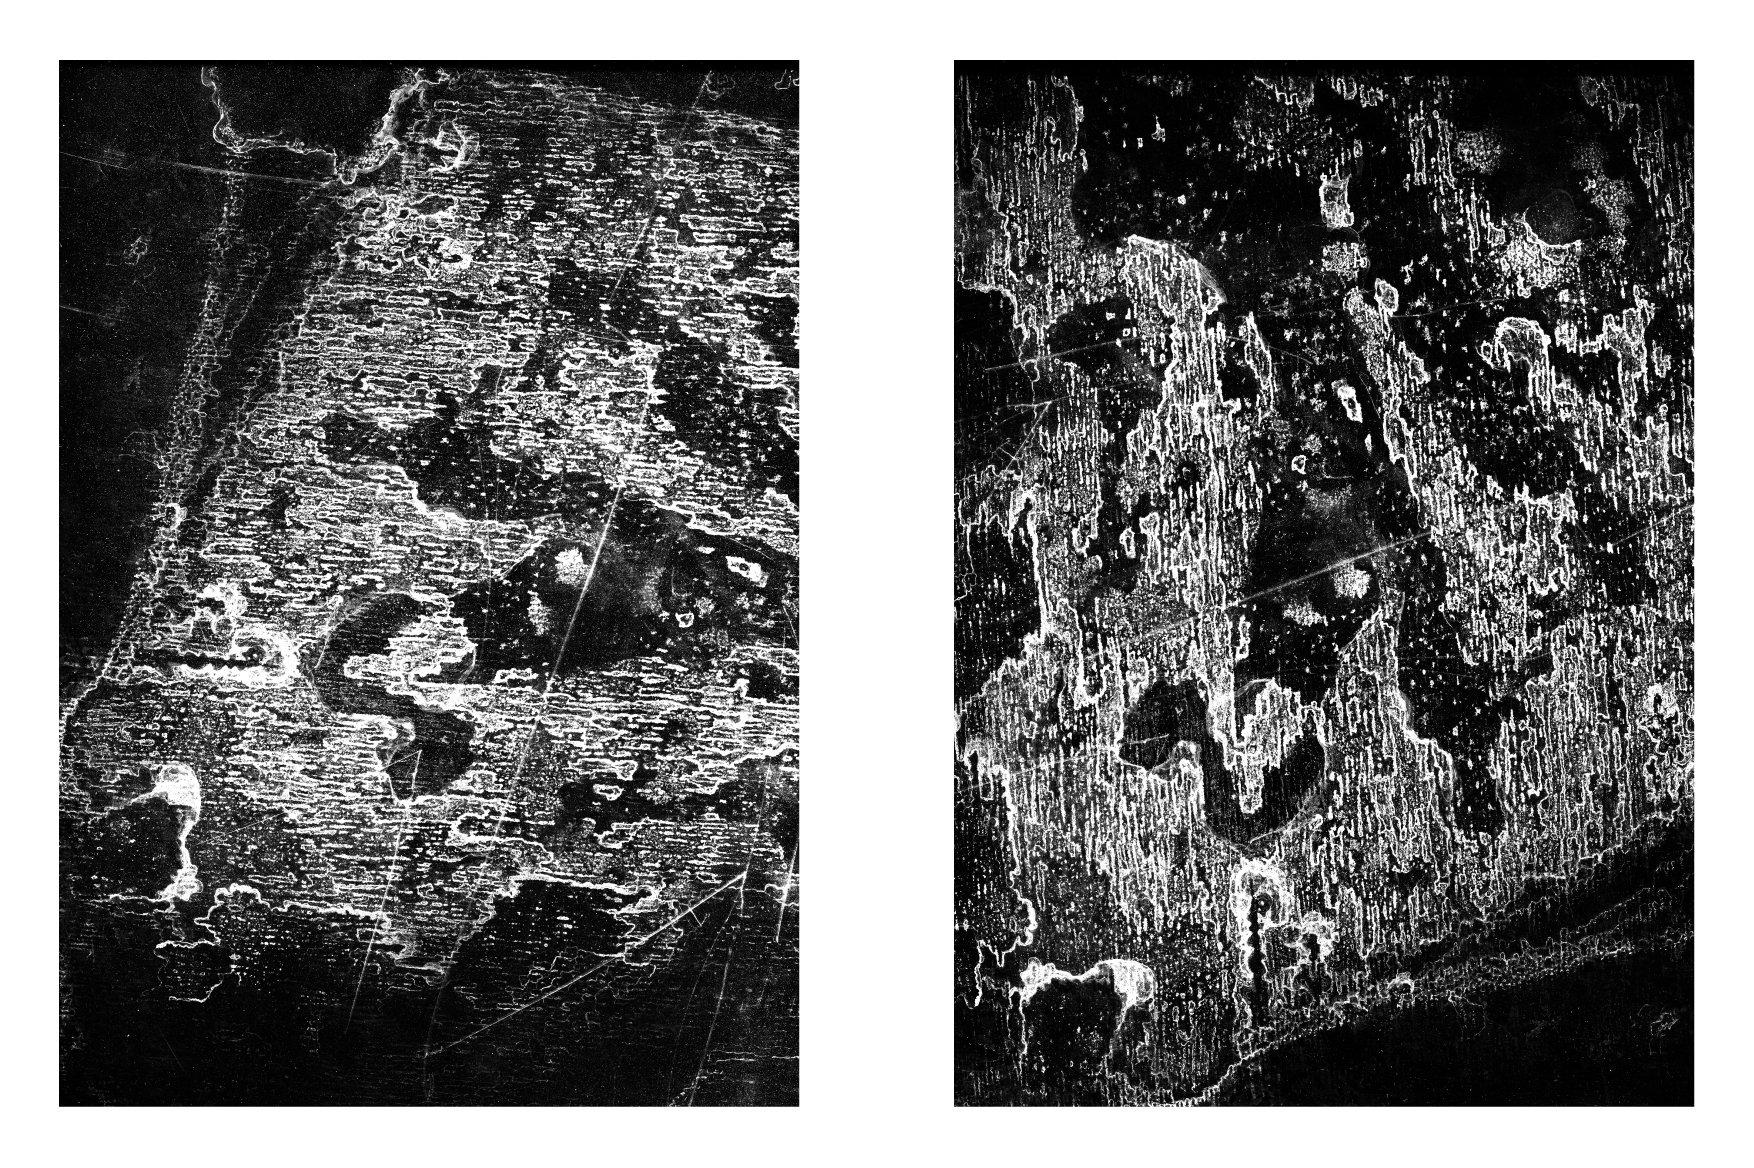 156款复古做旧折痕磨损褶皱纸张背景纹理素材合集 The Grunge Texture Bundle Vol. 1插图(28)